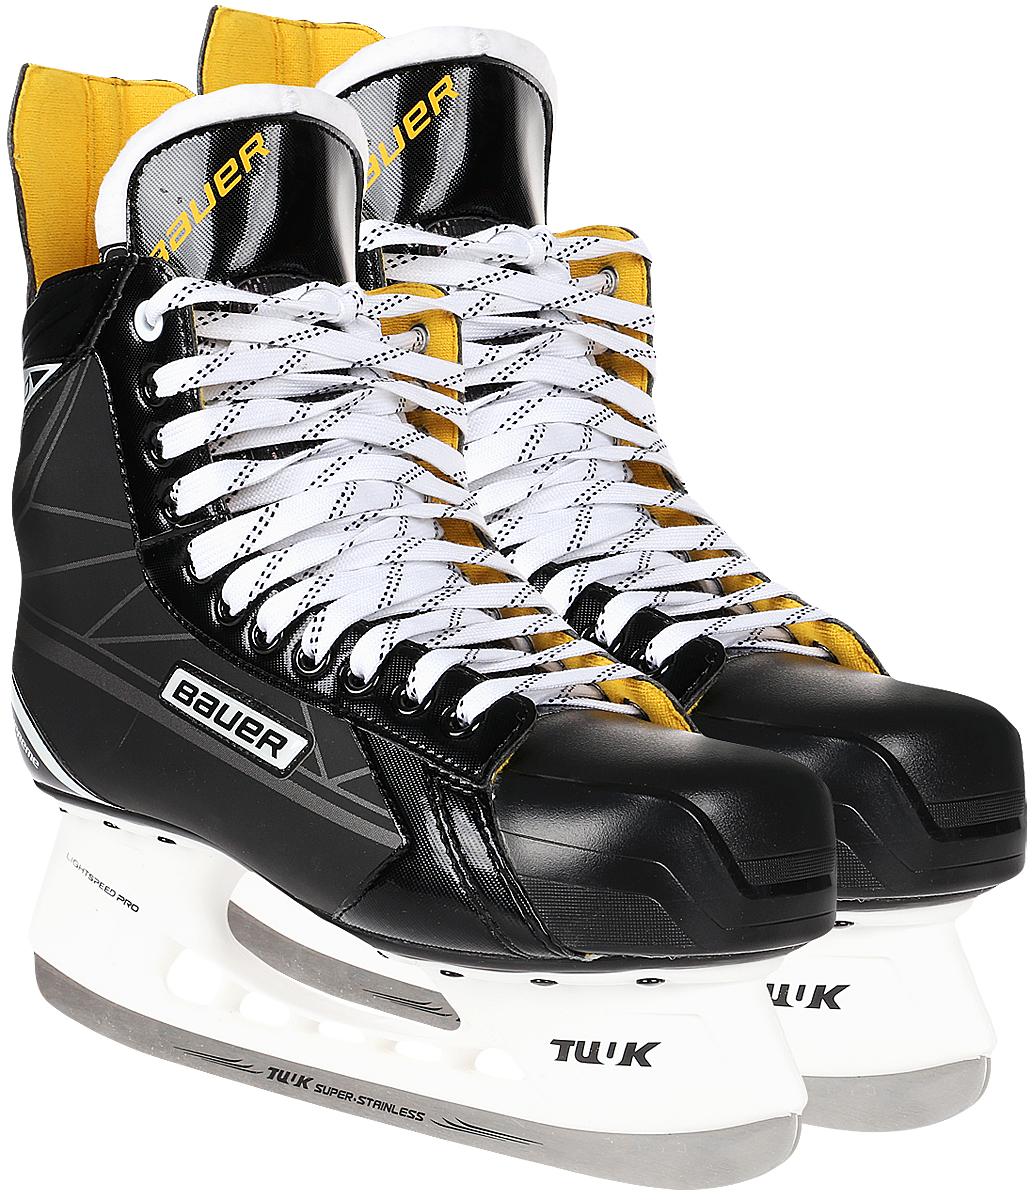 Коньки хоккейные мужские Bauer Supreme S150, цвет: черный. 1048623. Размер 47